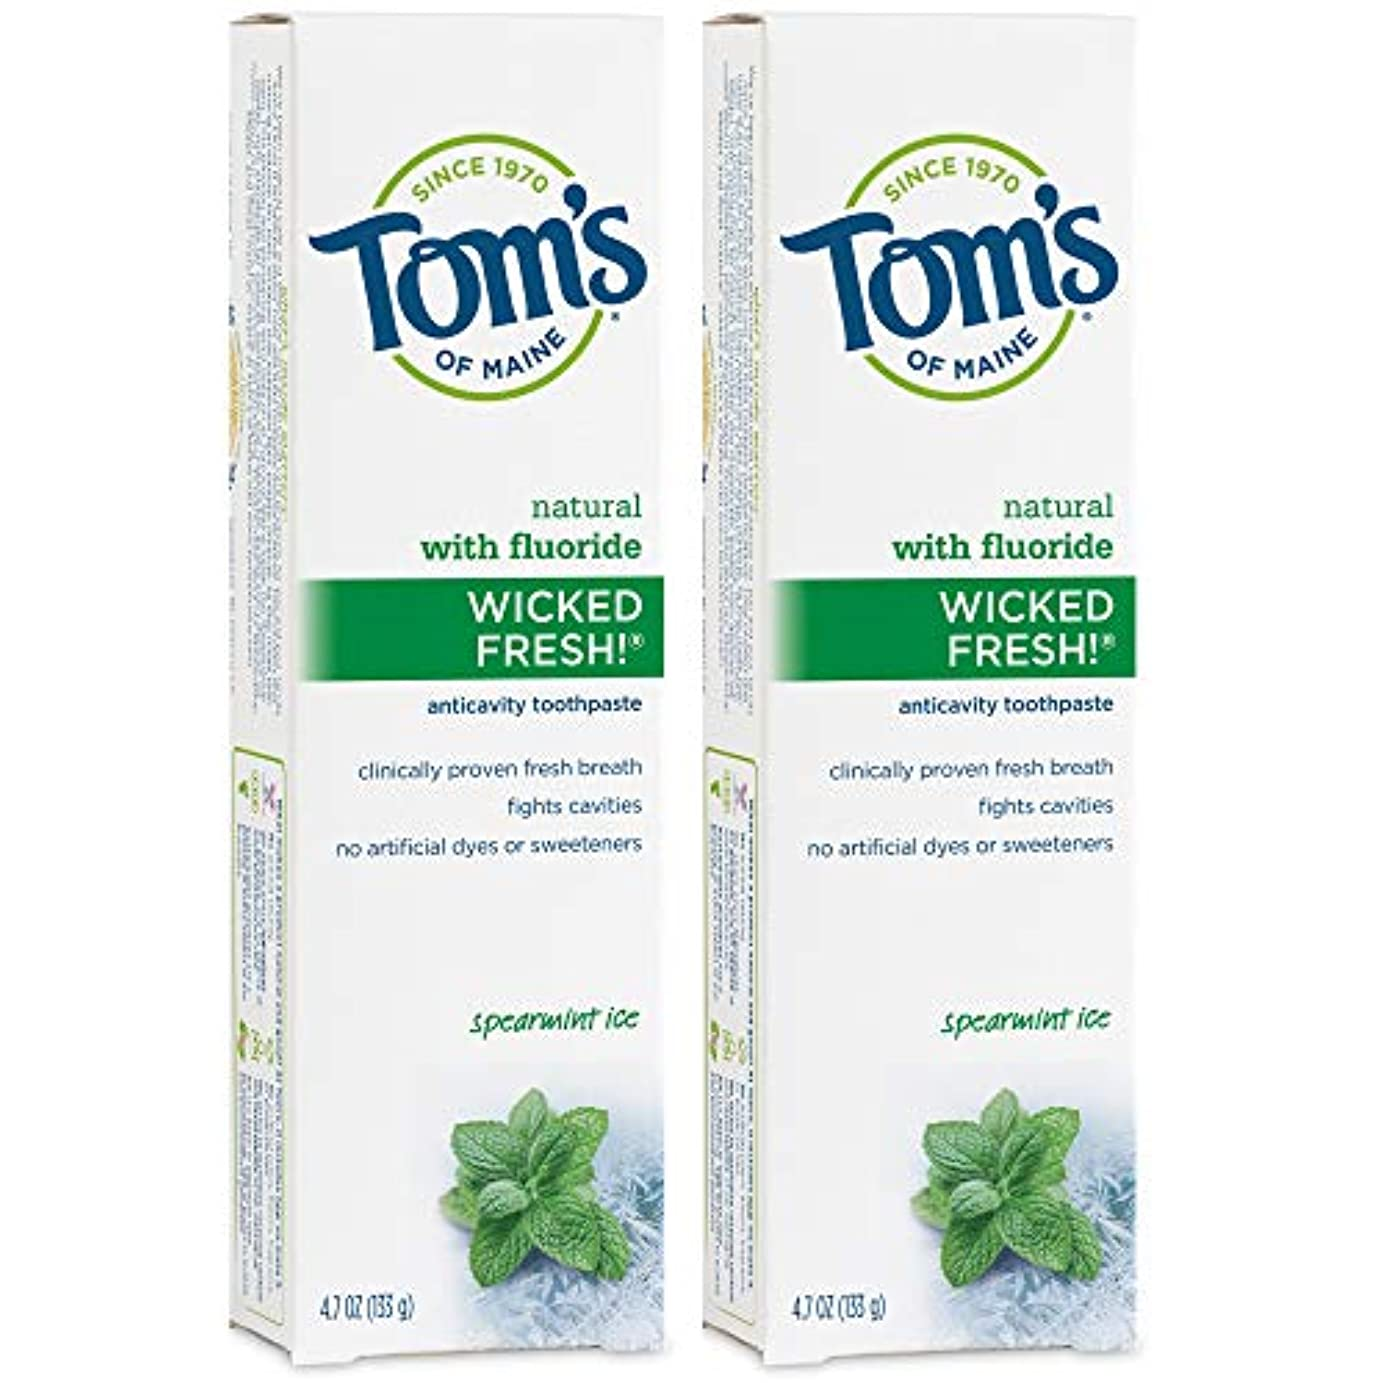 明るい葉巻観客Tom's of Maine Wicked Fresh Long Lasting Fresh Breath Fluoride Toothpaste, Spearmint Ice, 4.7-Ounce by Tom's of...